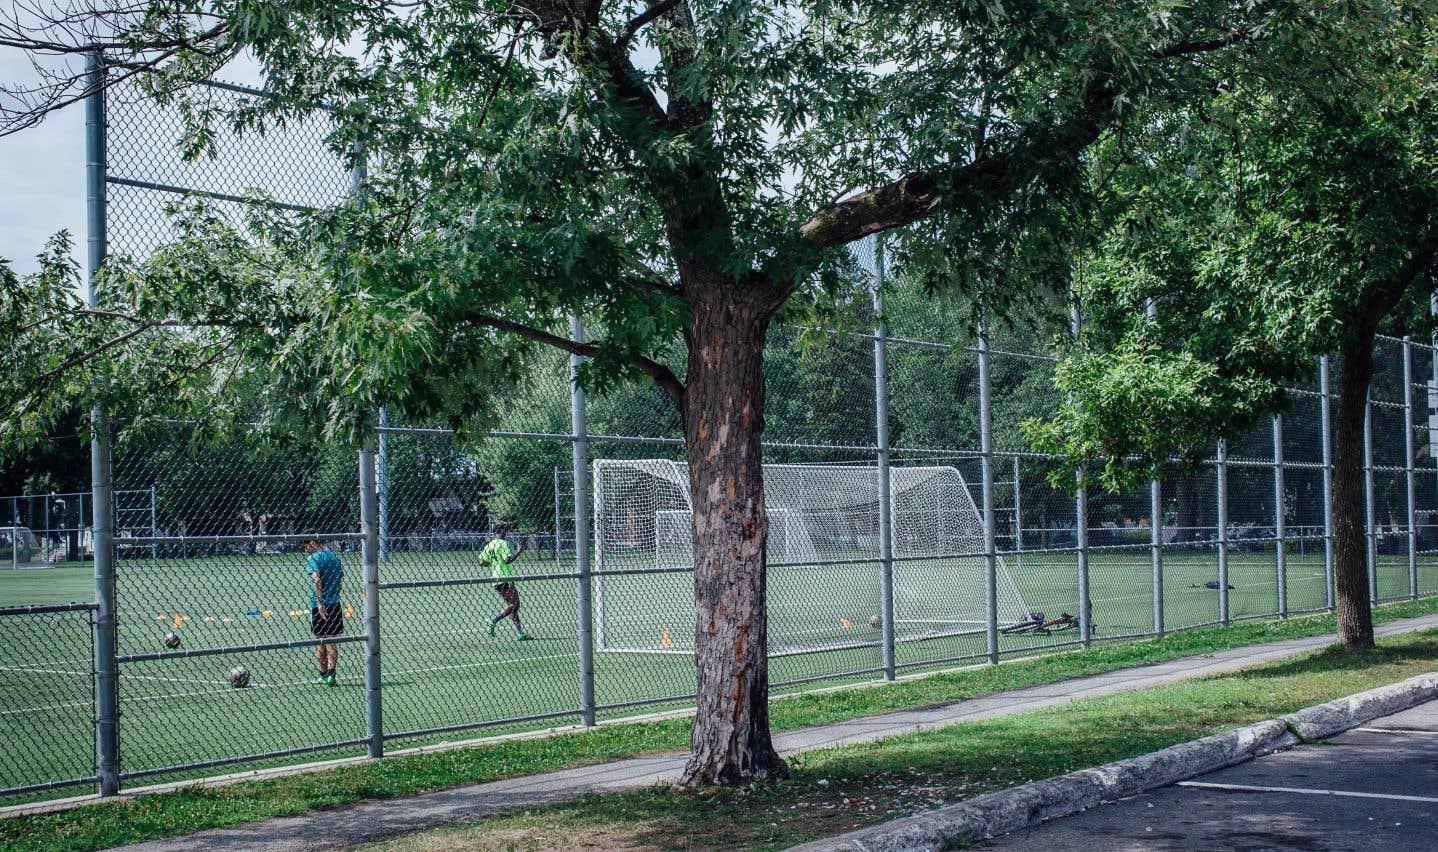 L'arbre qui sert de mémorial à Fredy Villanueva, juste à côté du parc Henri-Bourassa dans l'arrondissement Montréal-Nord. C'est là que le jeune de 18 ans est tombé sous les balles d'un policier, il y a dix ans, jour pour jour.